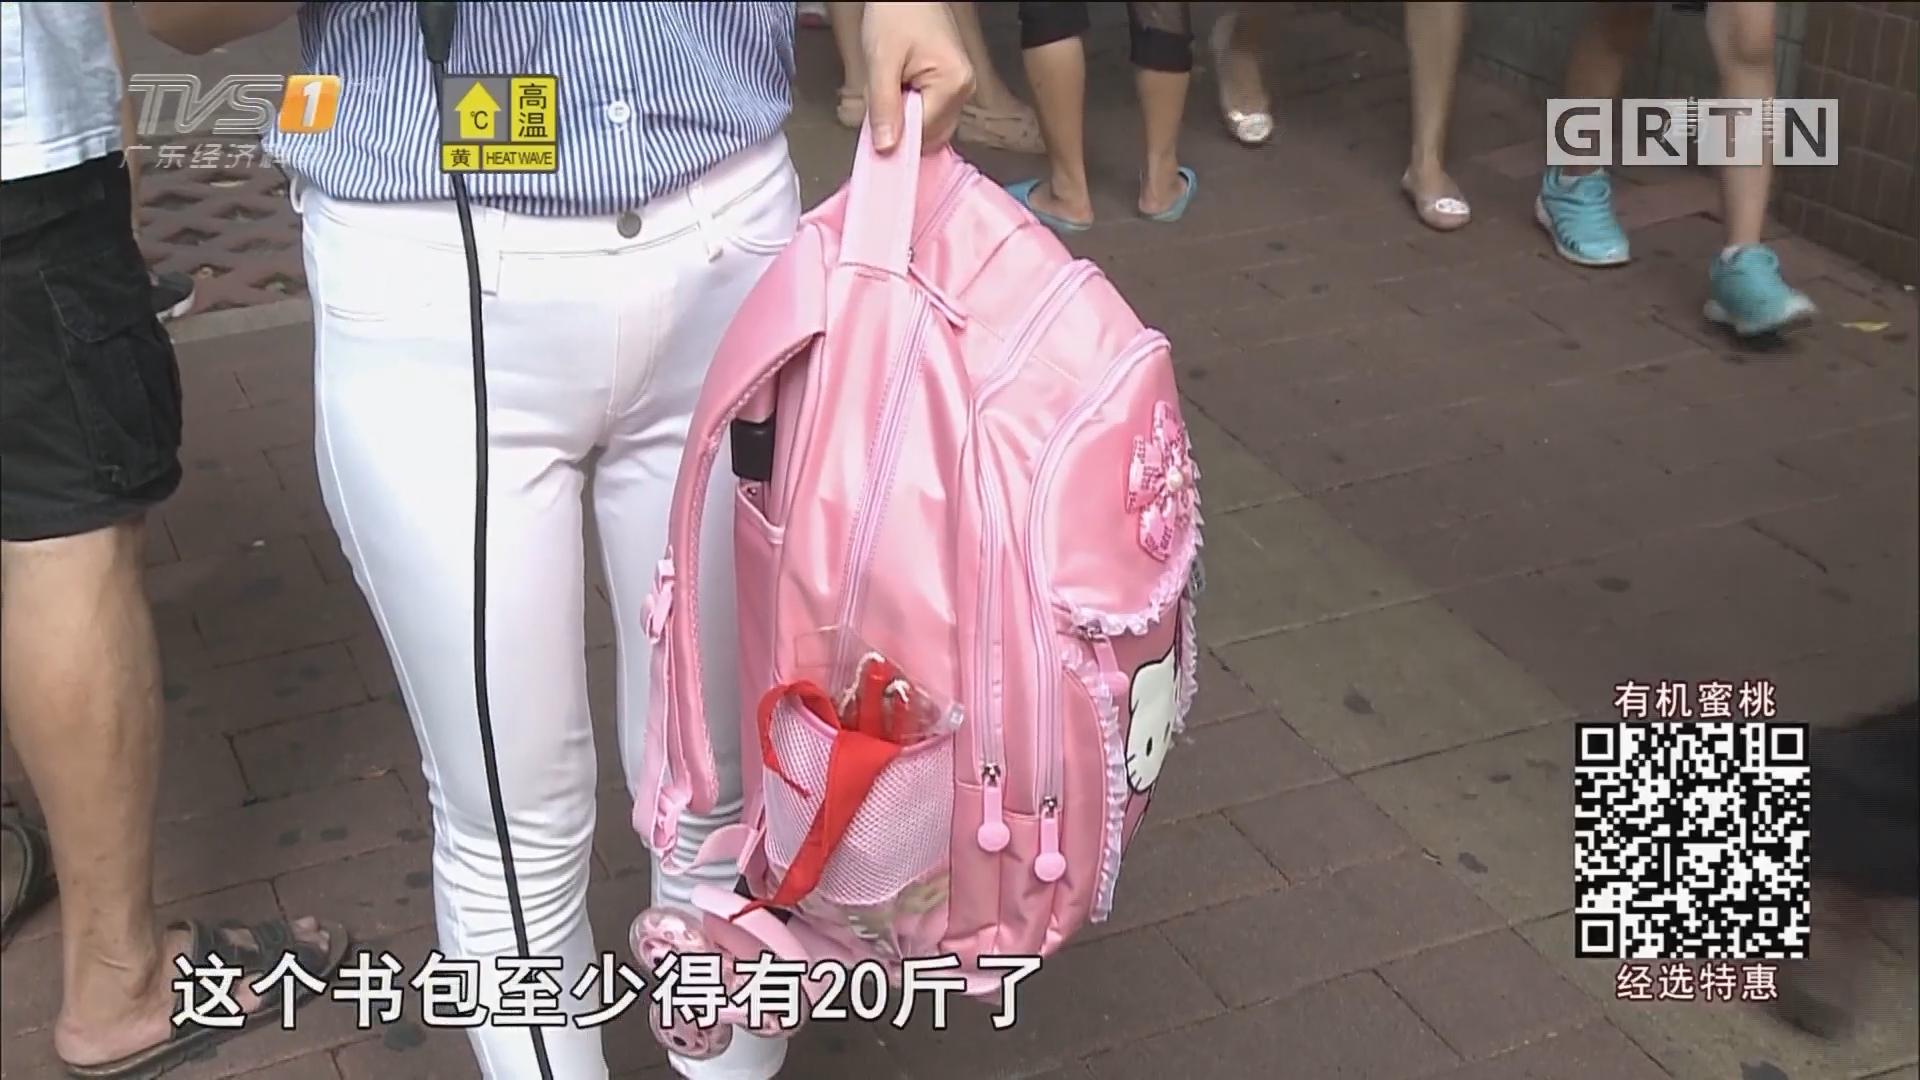 广州小学生书包重 专家提醒家长可适当帮助